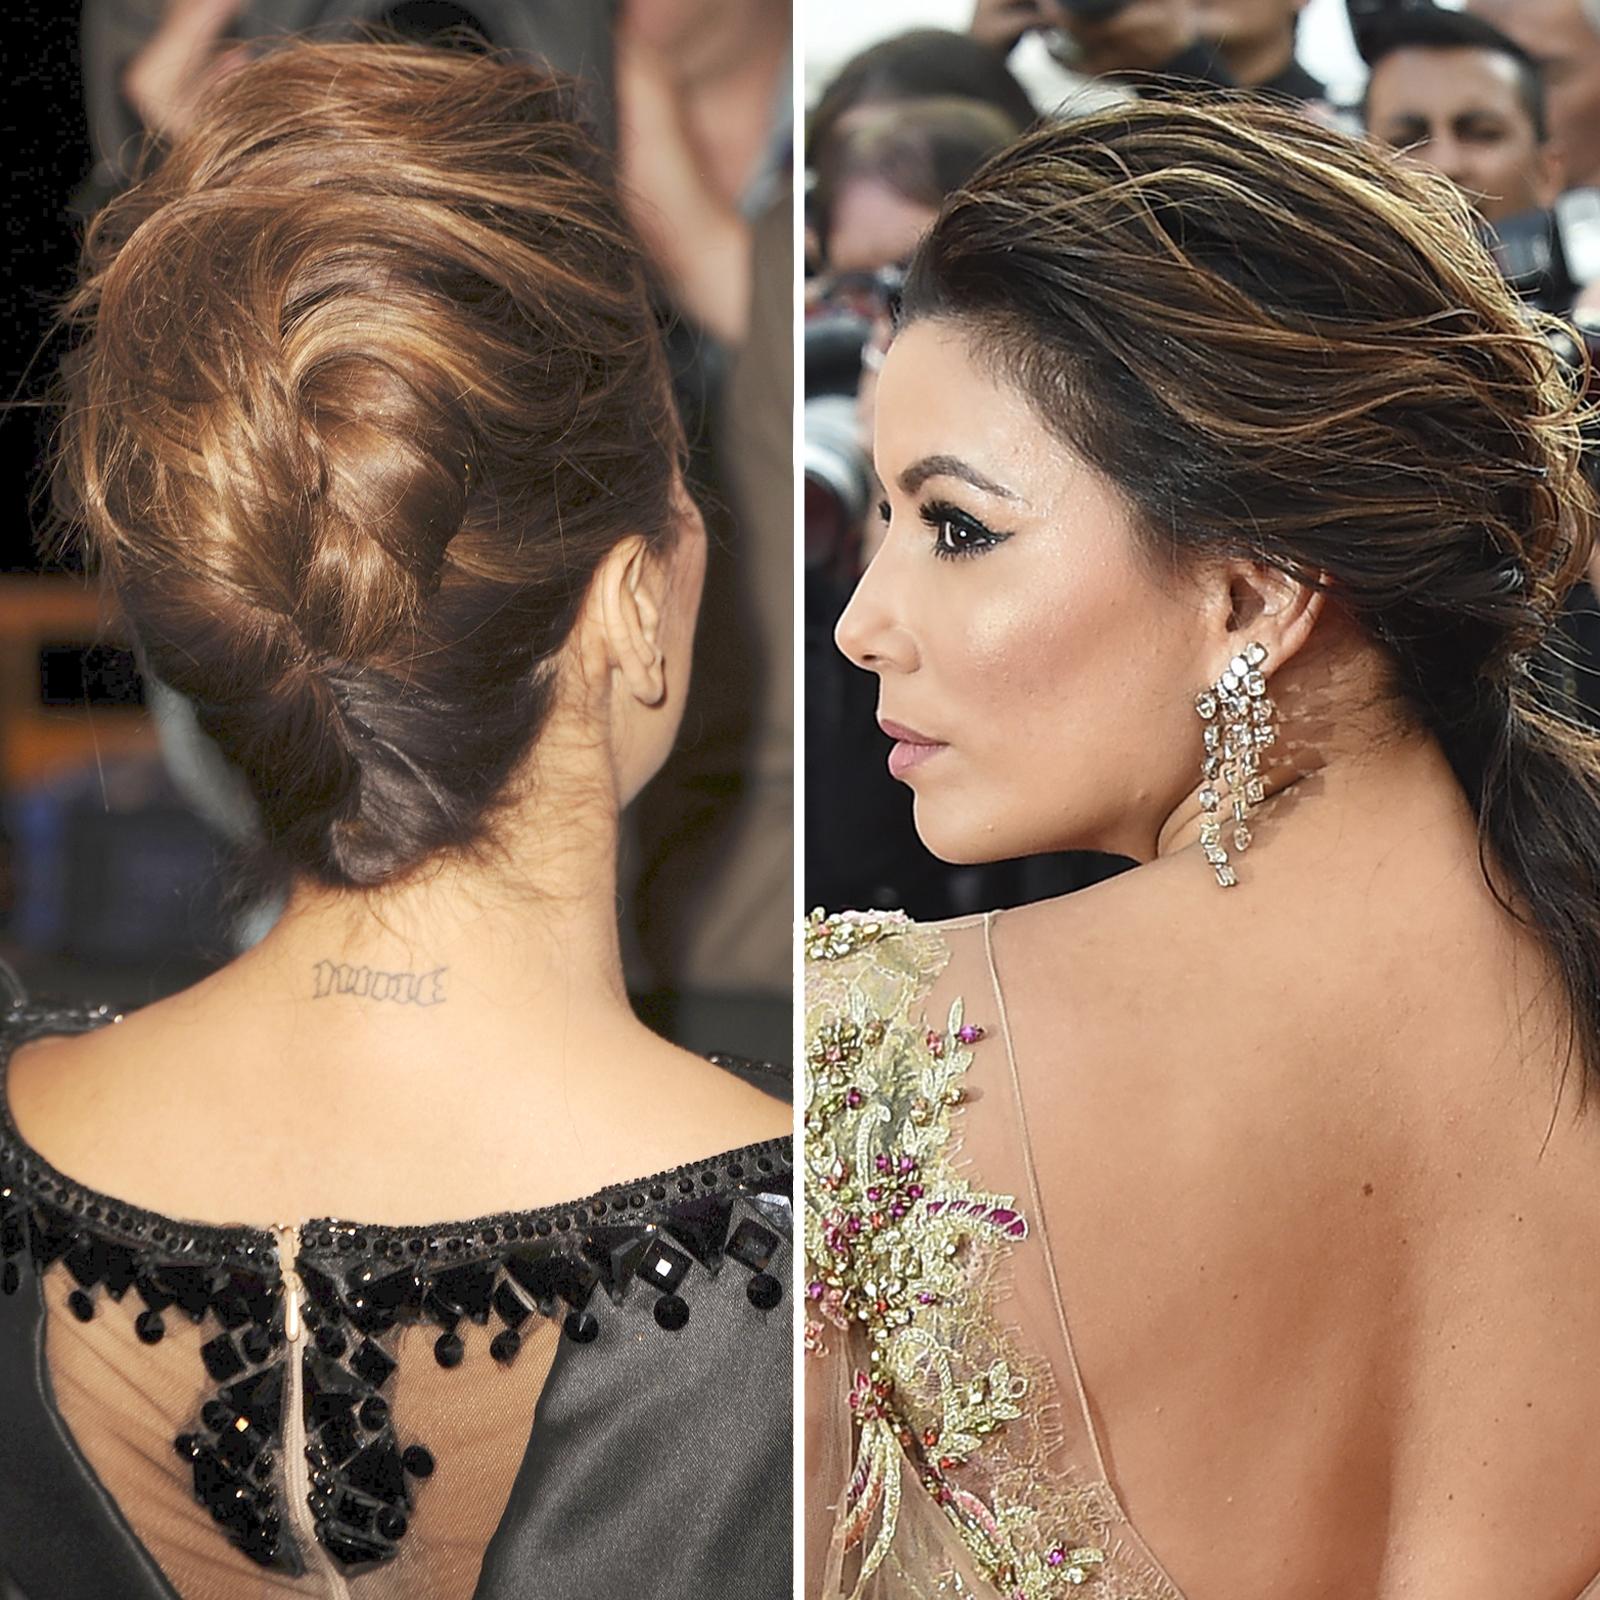 Eva Longoria tattoo cover